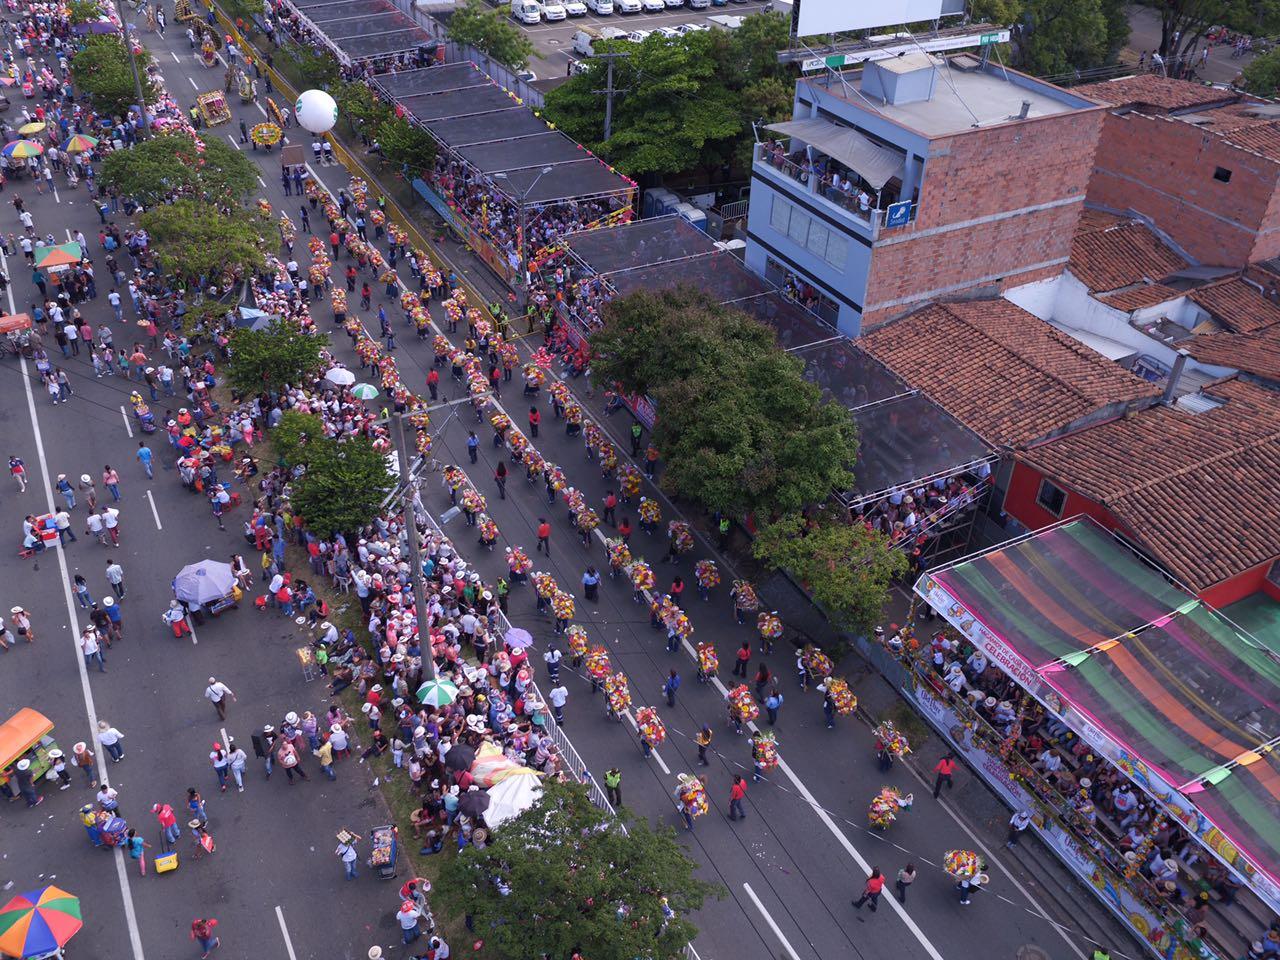 Este domingo 12 de agosto habrá cierres viales por el Desfile de Silleteros